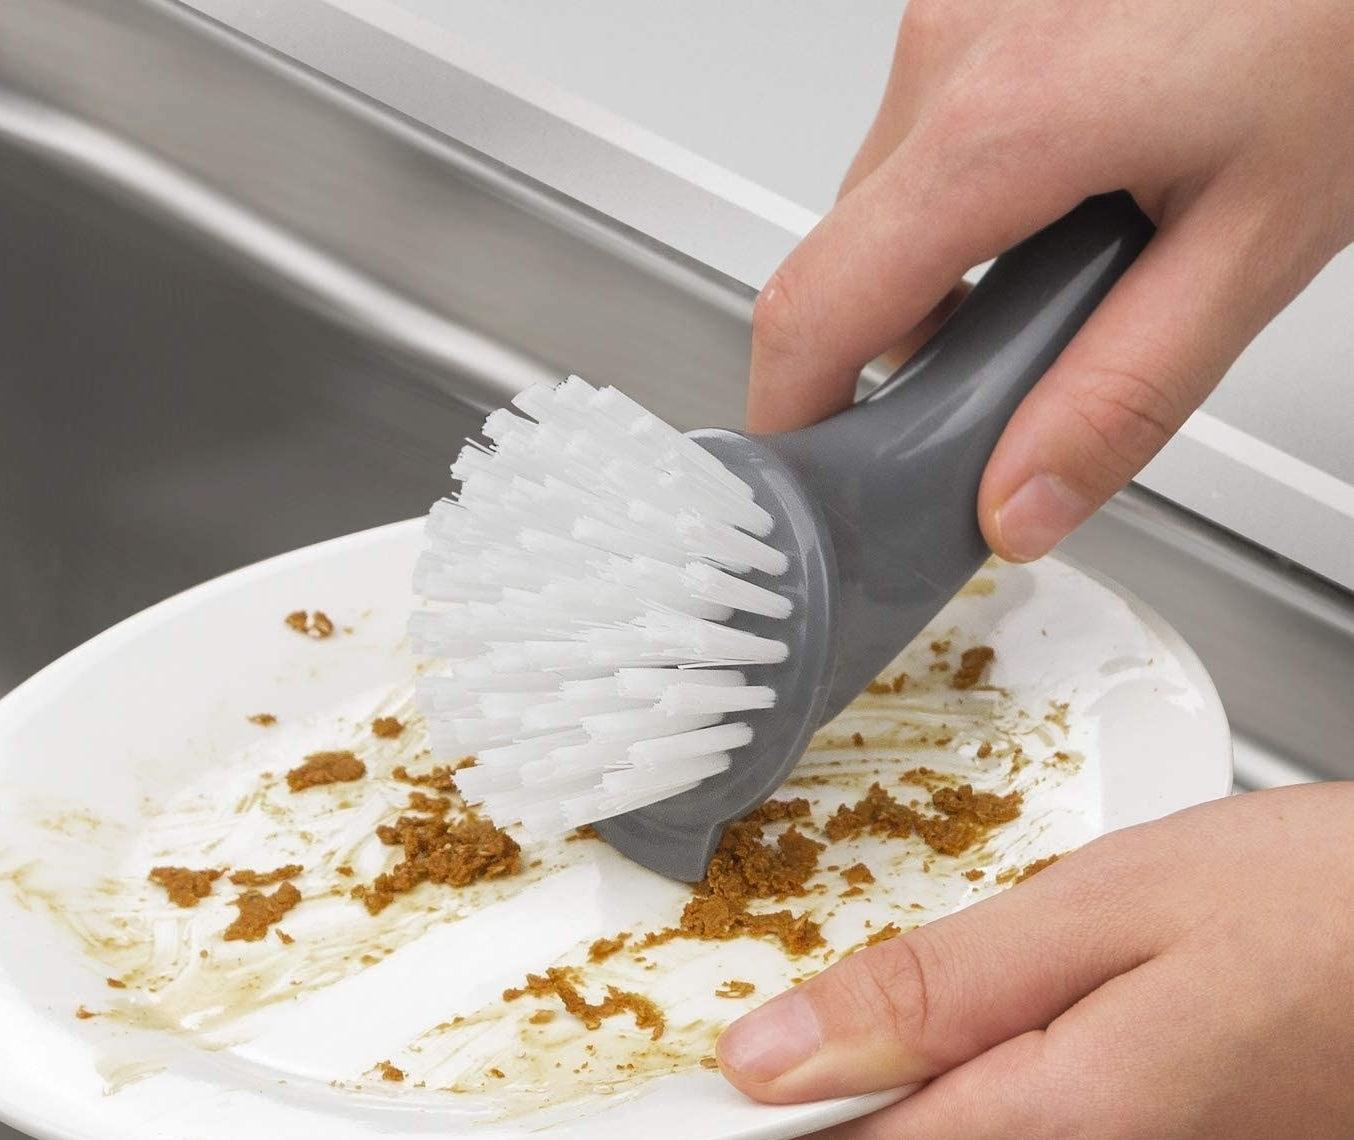 cepillo de limpieza para platos y ollas